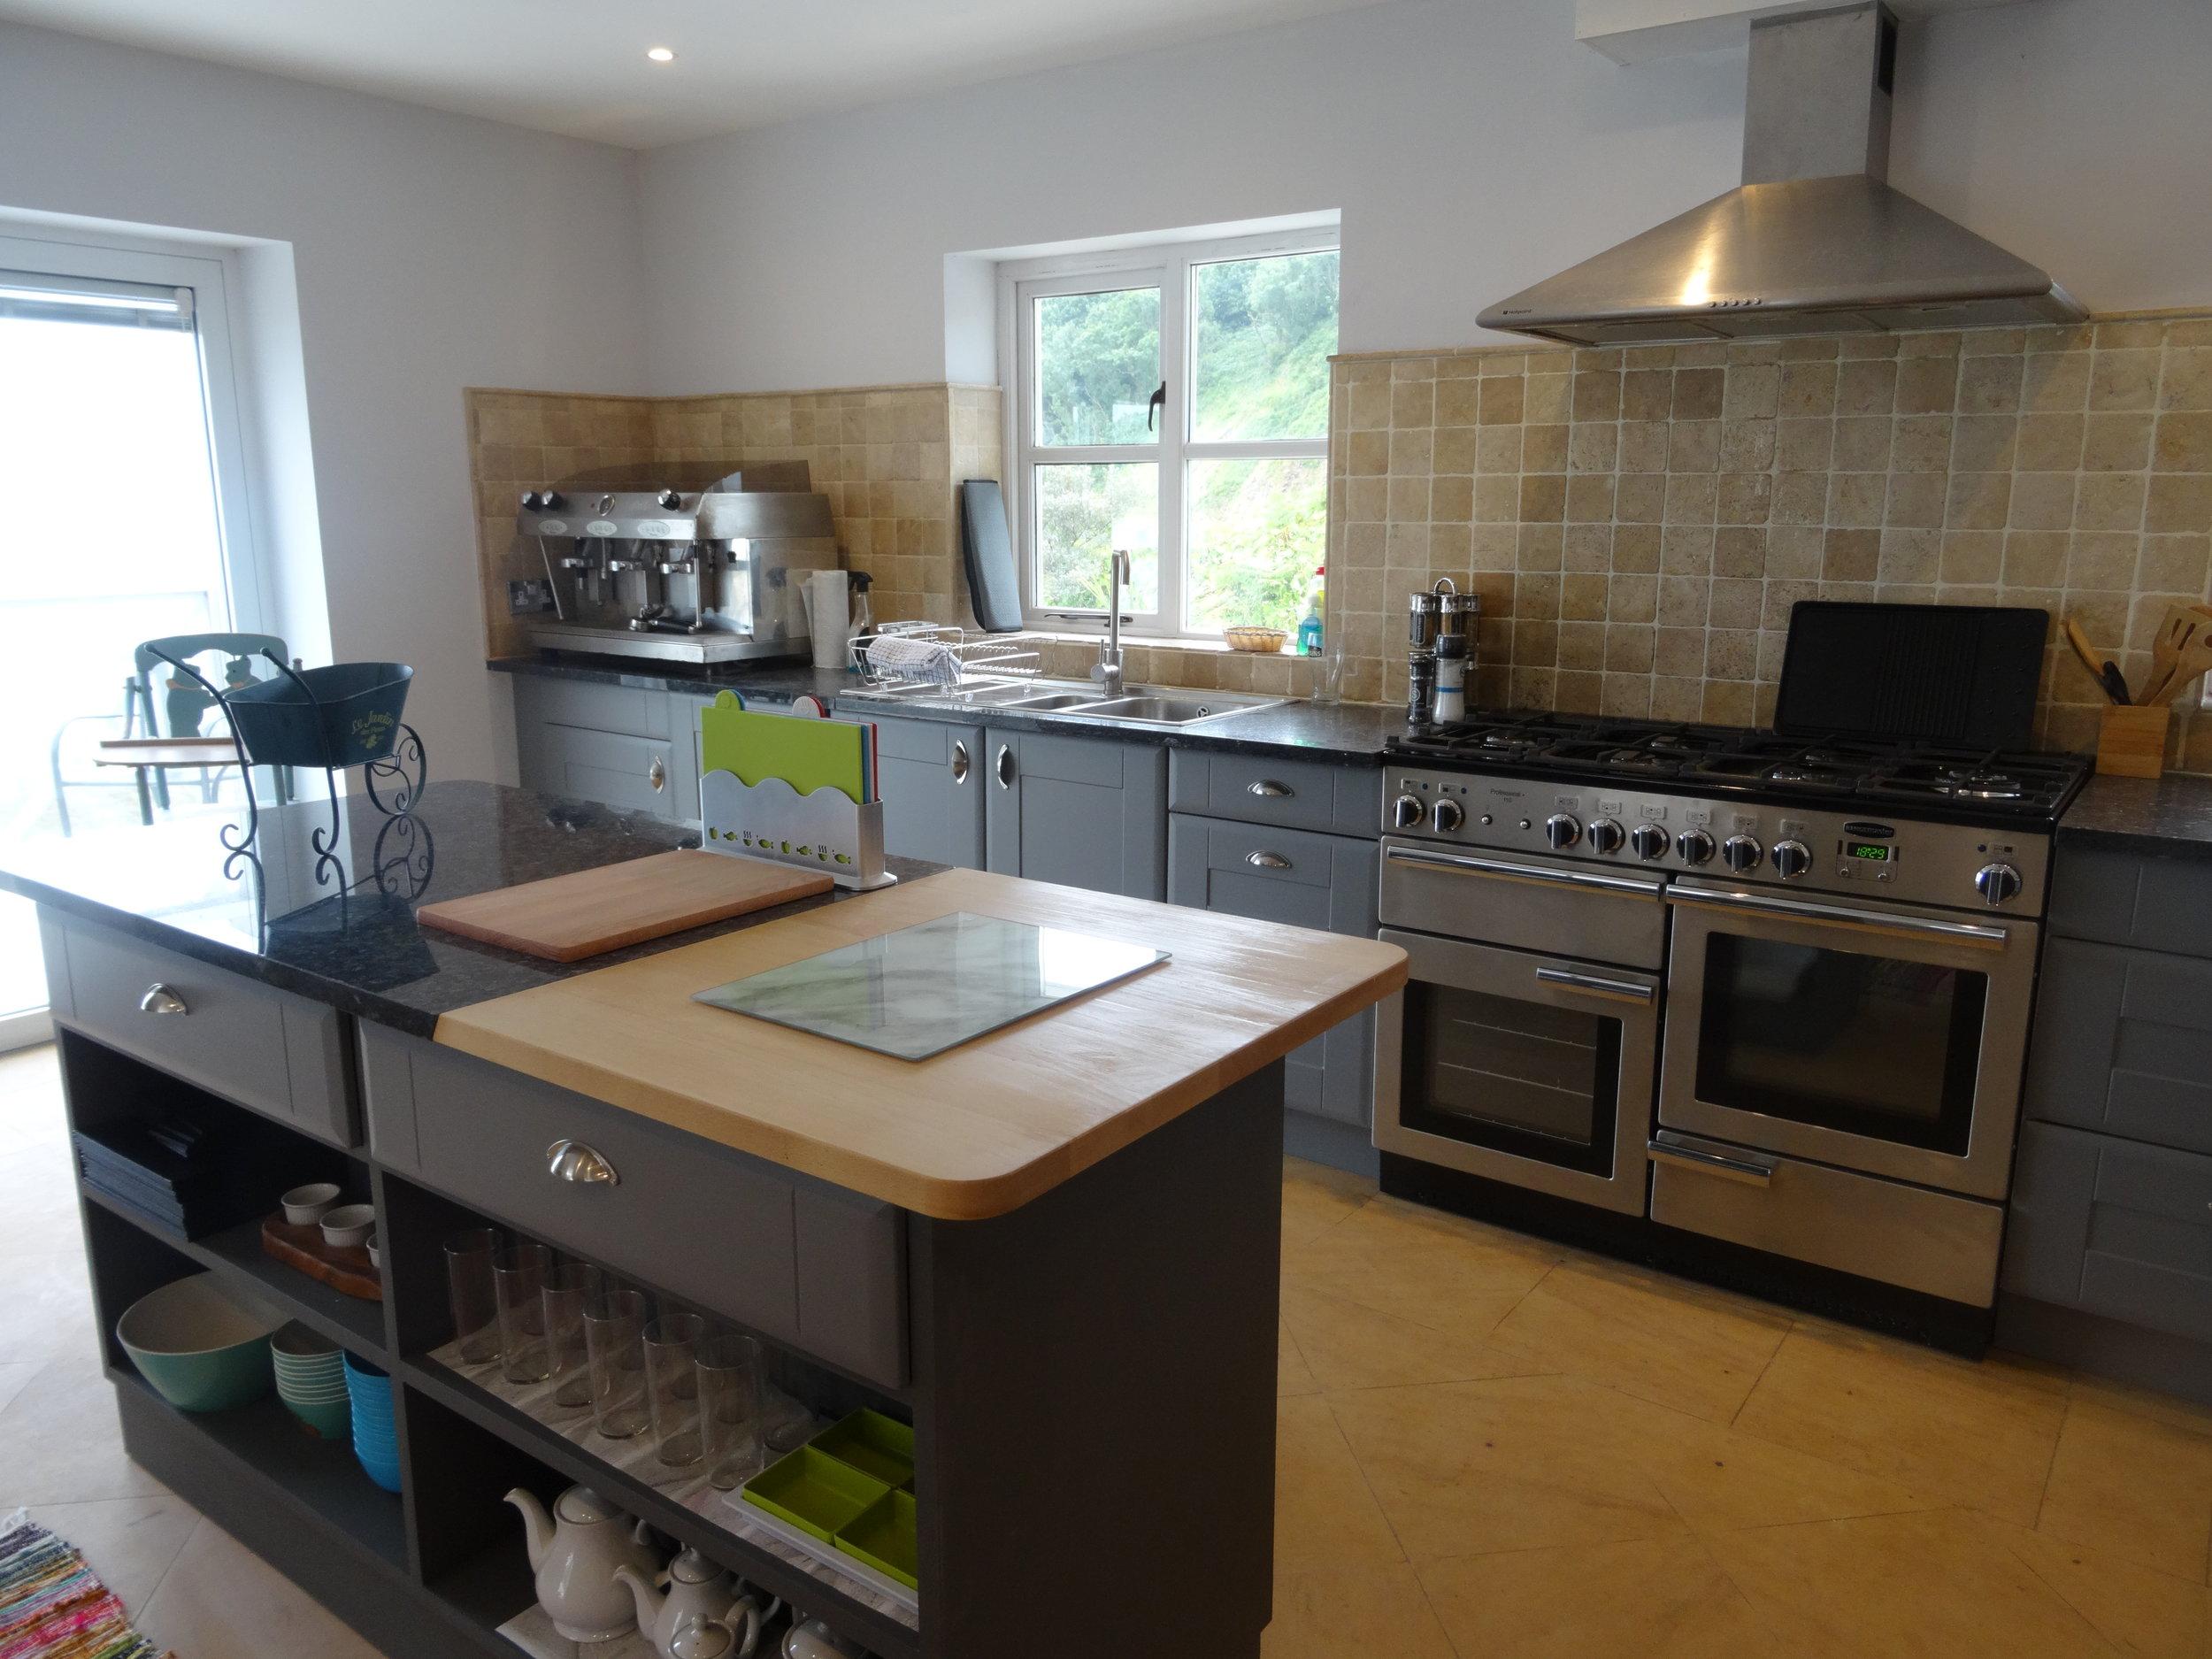 Kitchen.DSC09897.JPG